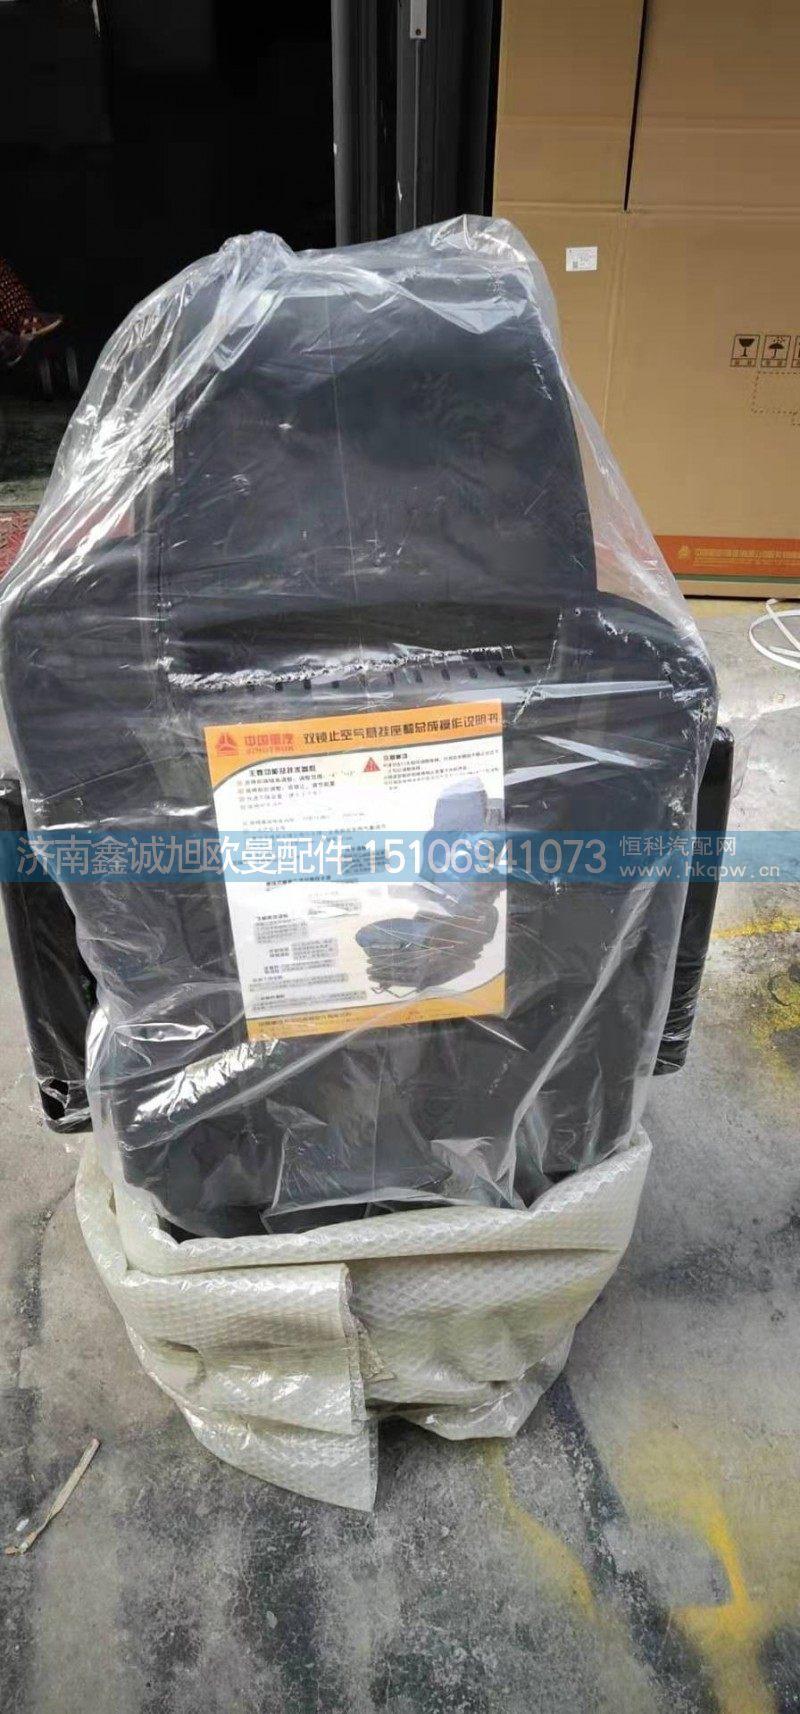 AZ1662511016原厂